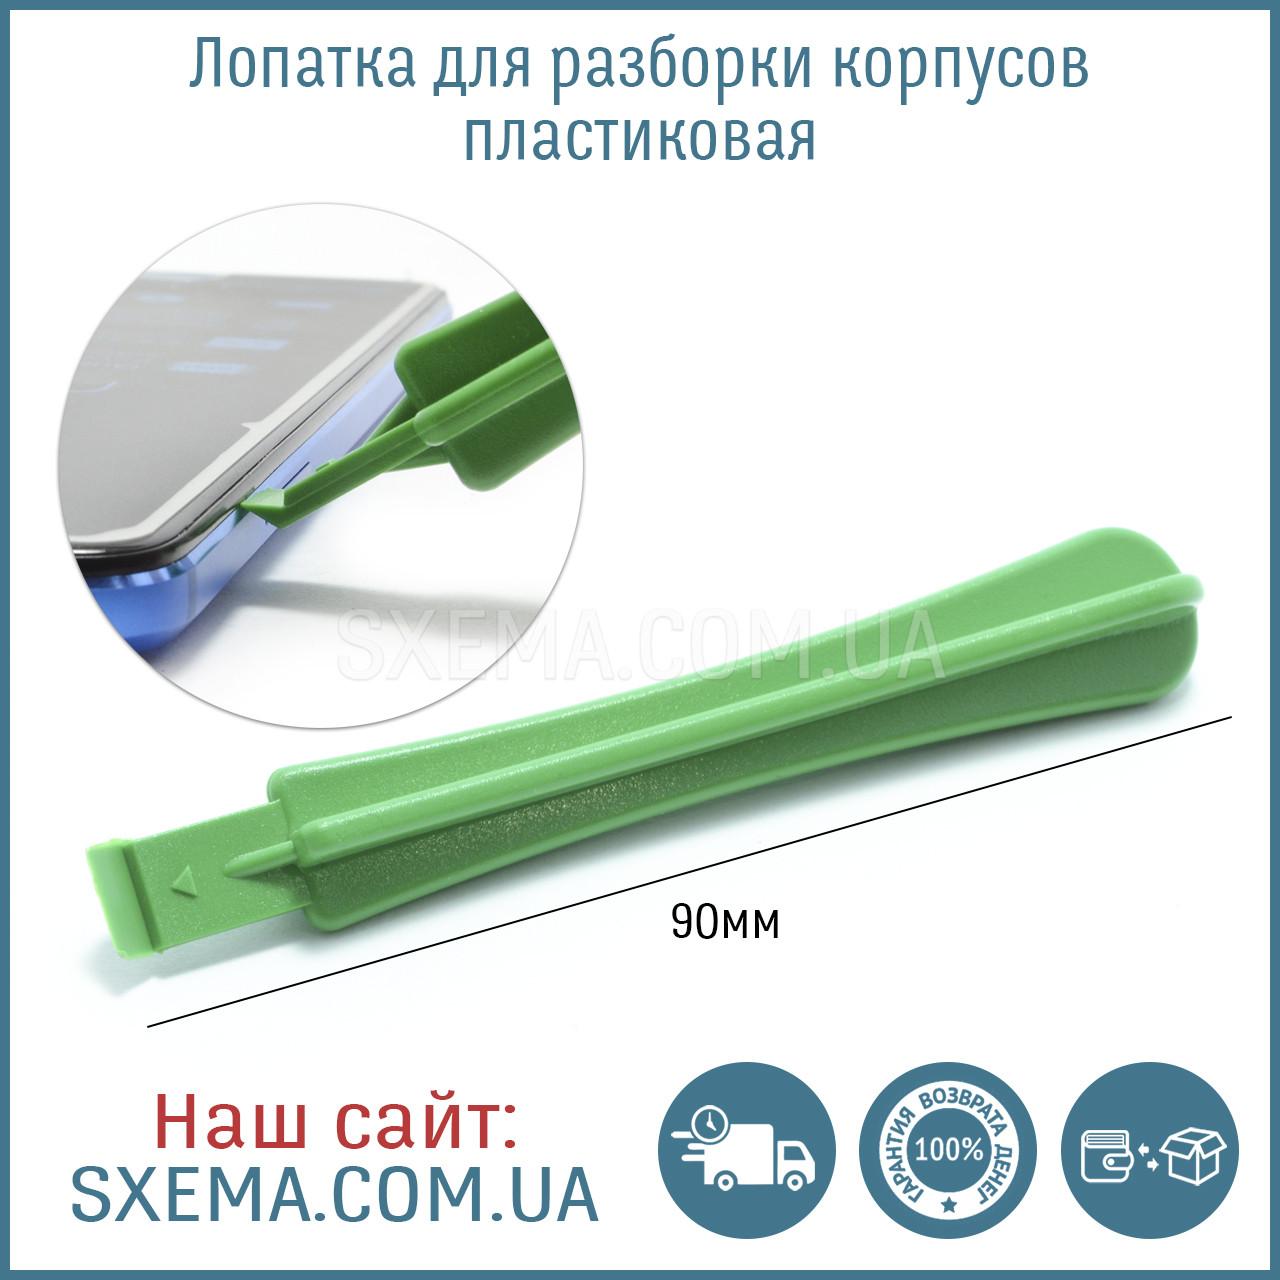 Лопатка для разборки корпусов пластиковая